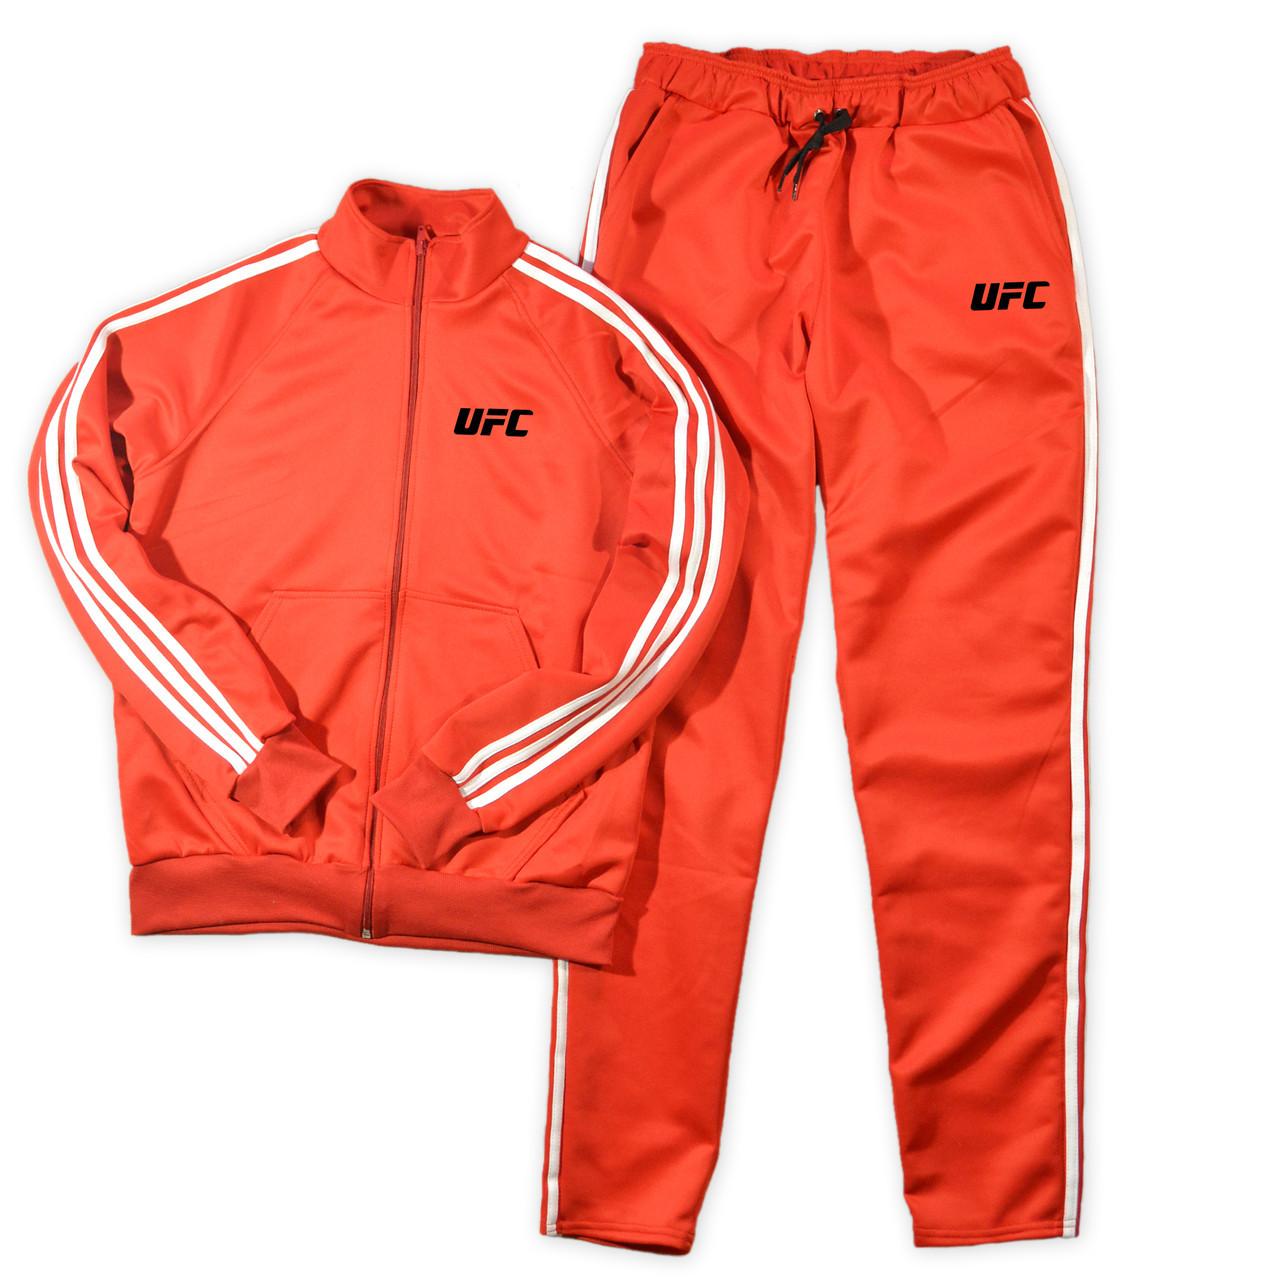 Красный спортивный костюм UFC с лампасами (ЮФС)